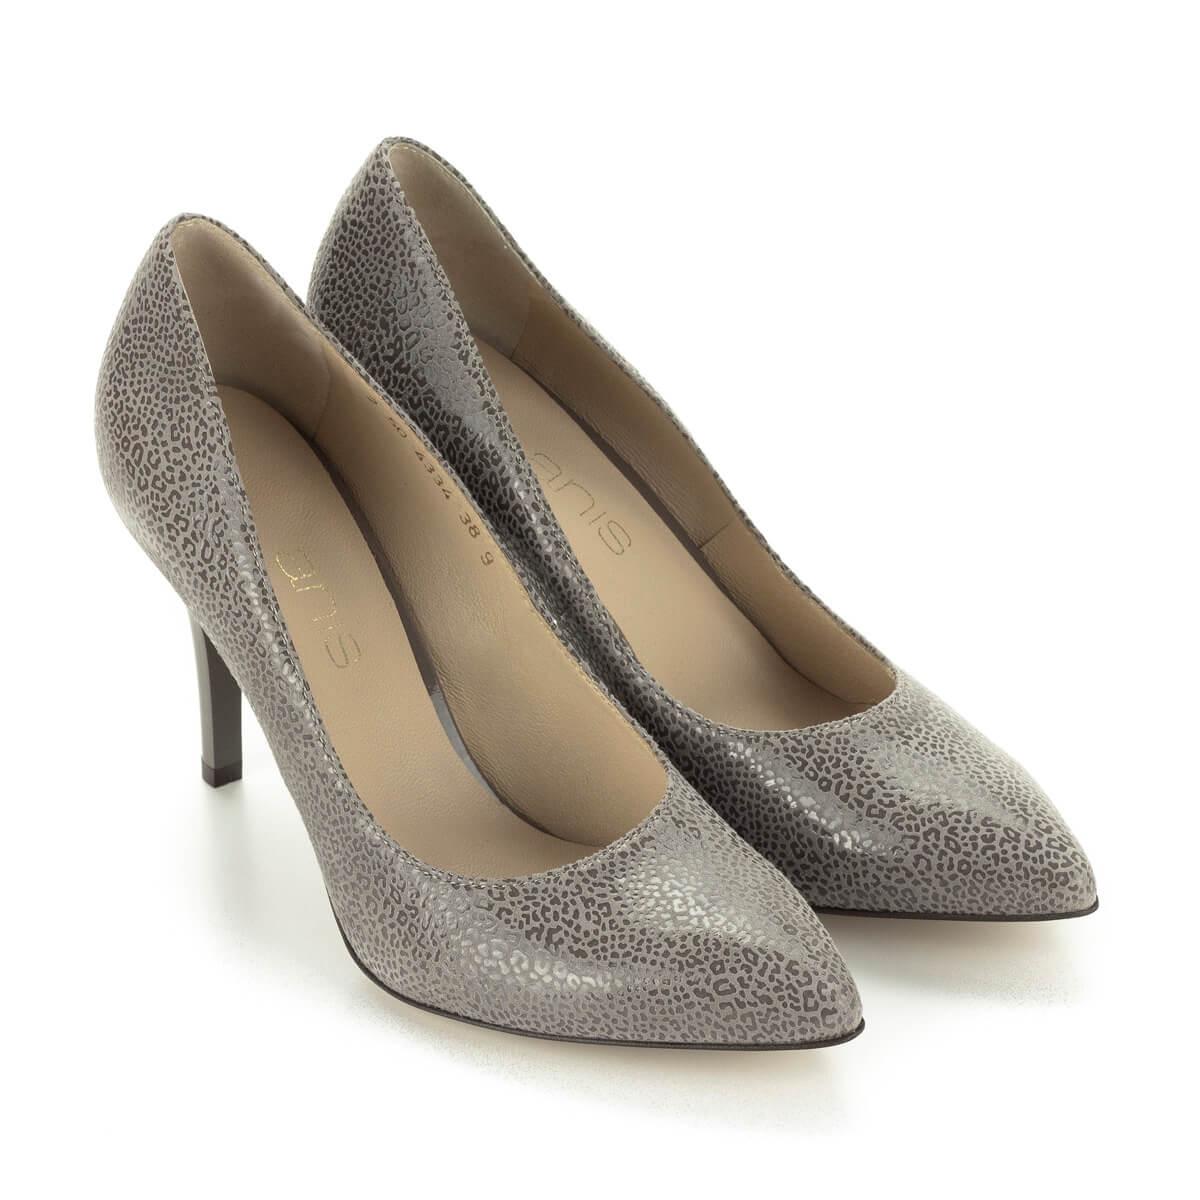 Elegáns magas sarkú Anis cipő különleges mintázatú bőr felsőrésszel. Csinos  női körömcipő hegyes orral eb52b6b911